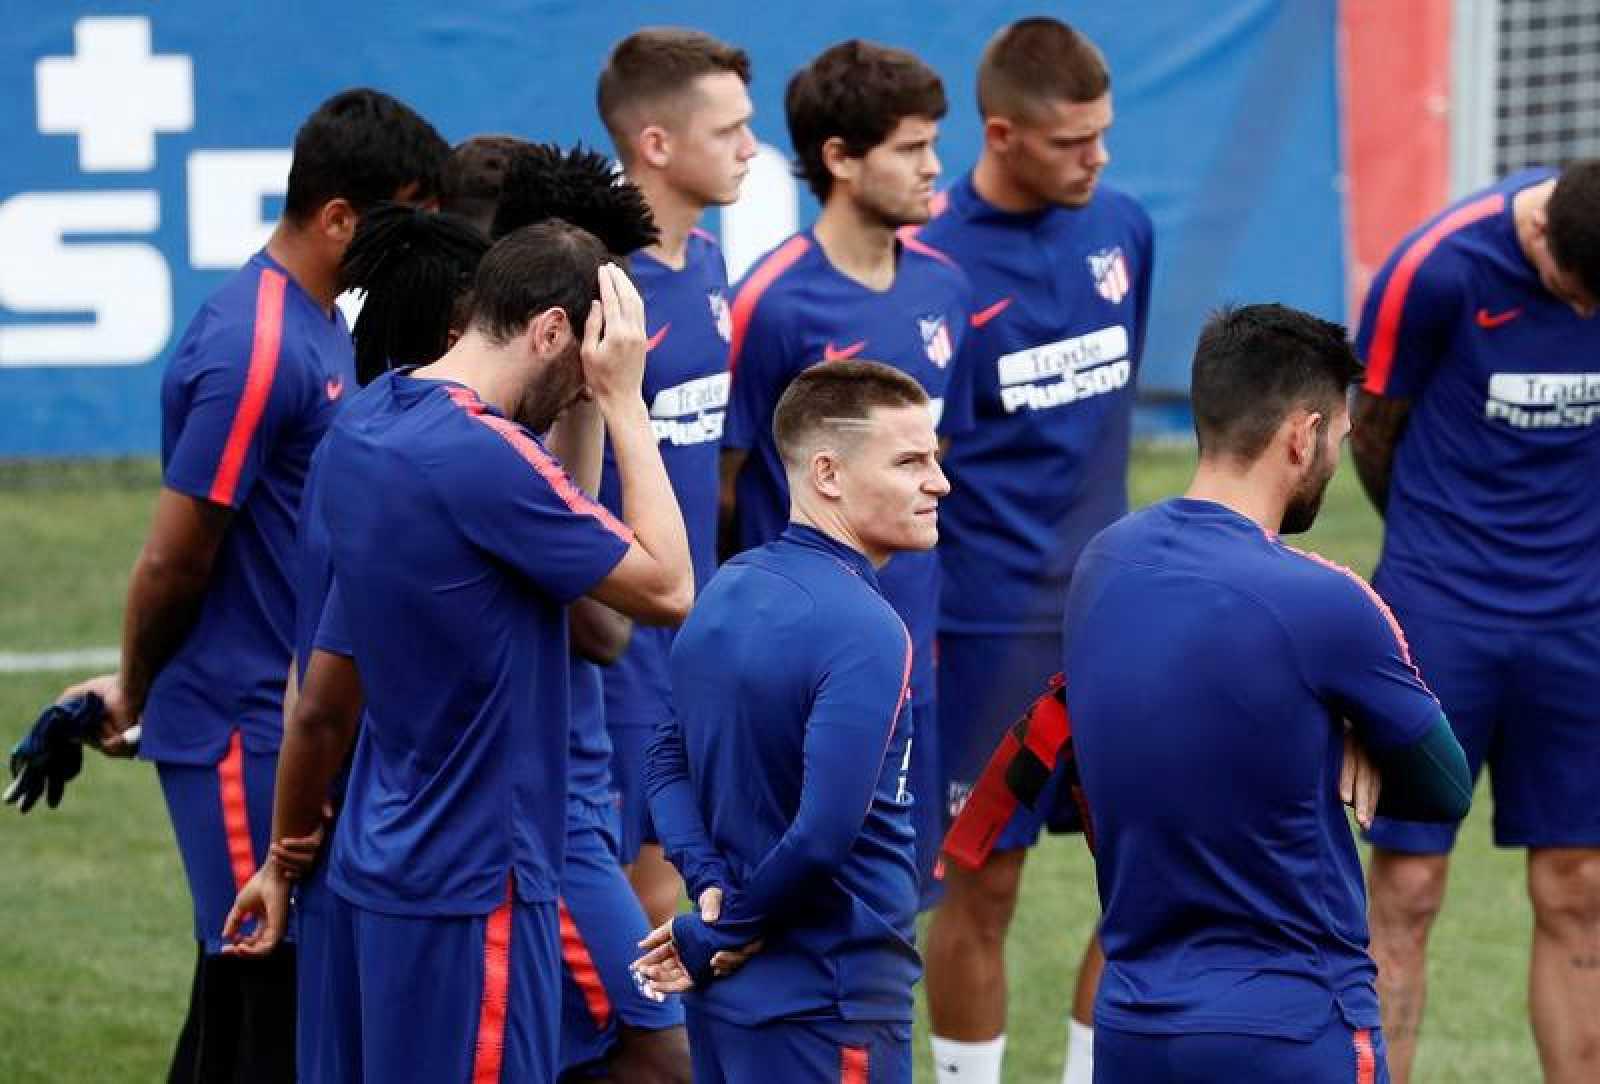 El delantero francés Kevin Gameiro durante el entrenamiento del Atlético de Madrid.